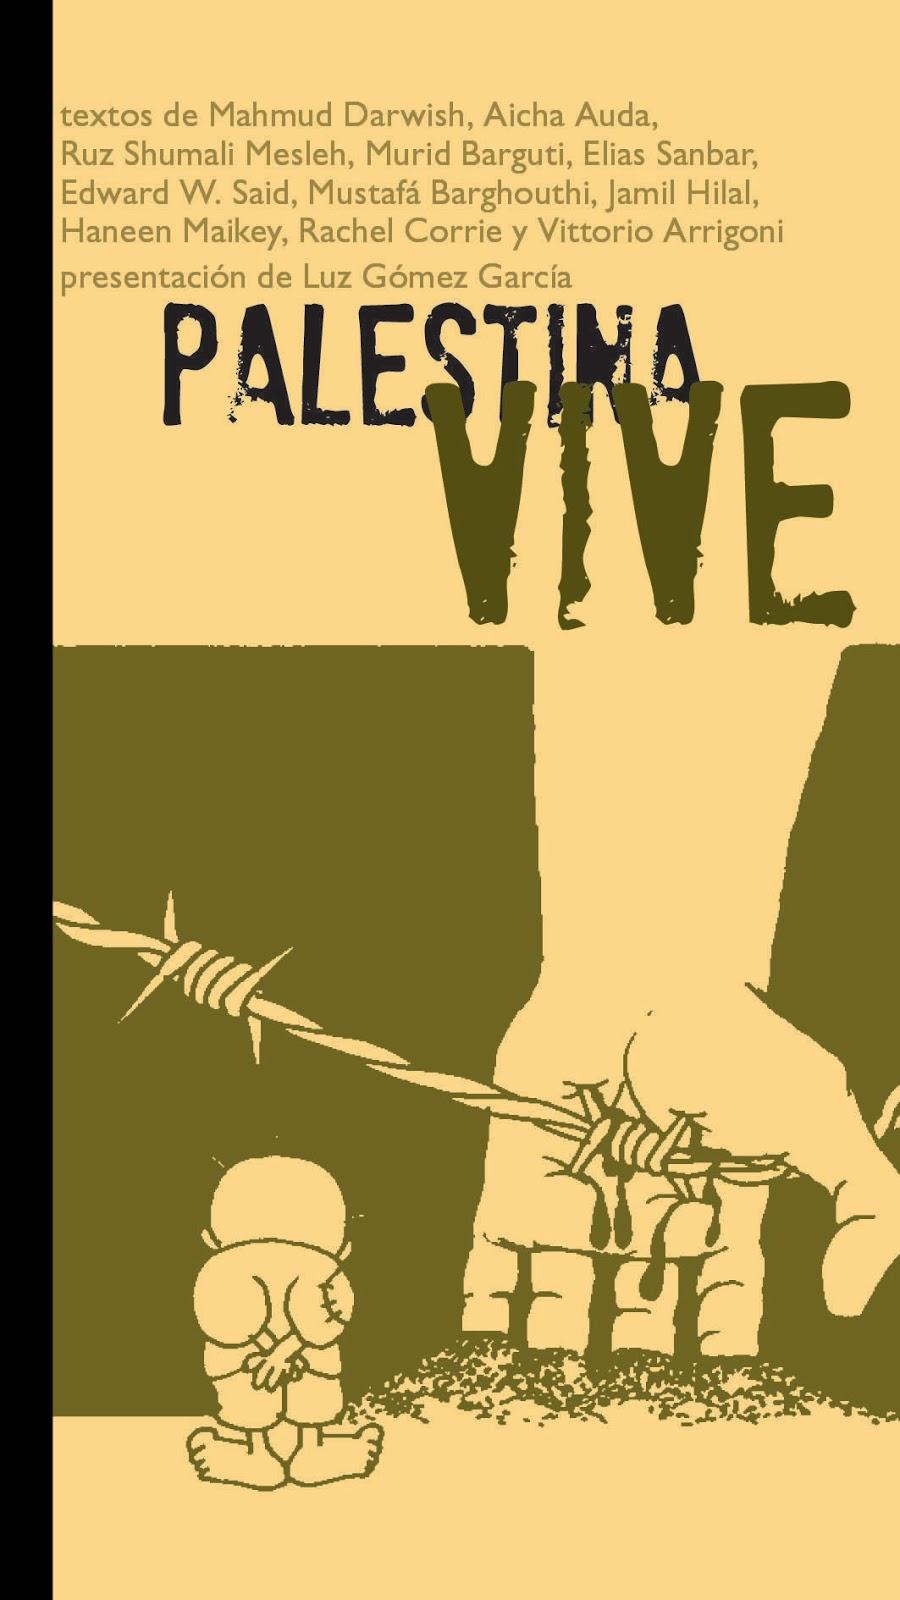 """Uhintifada 164: """"Palestina vive"""". Acción literaria contra la normalización de Israel"""